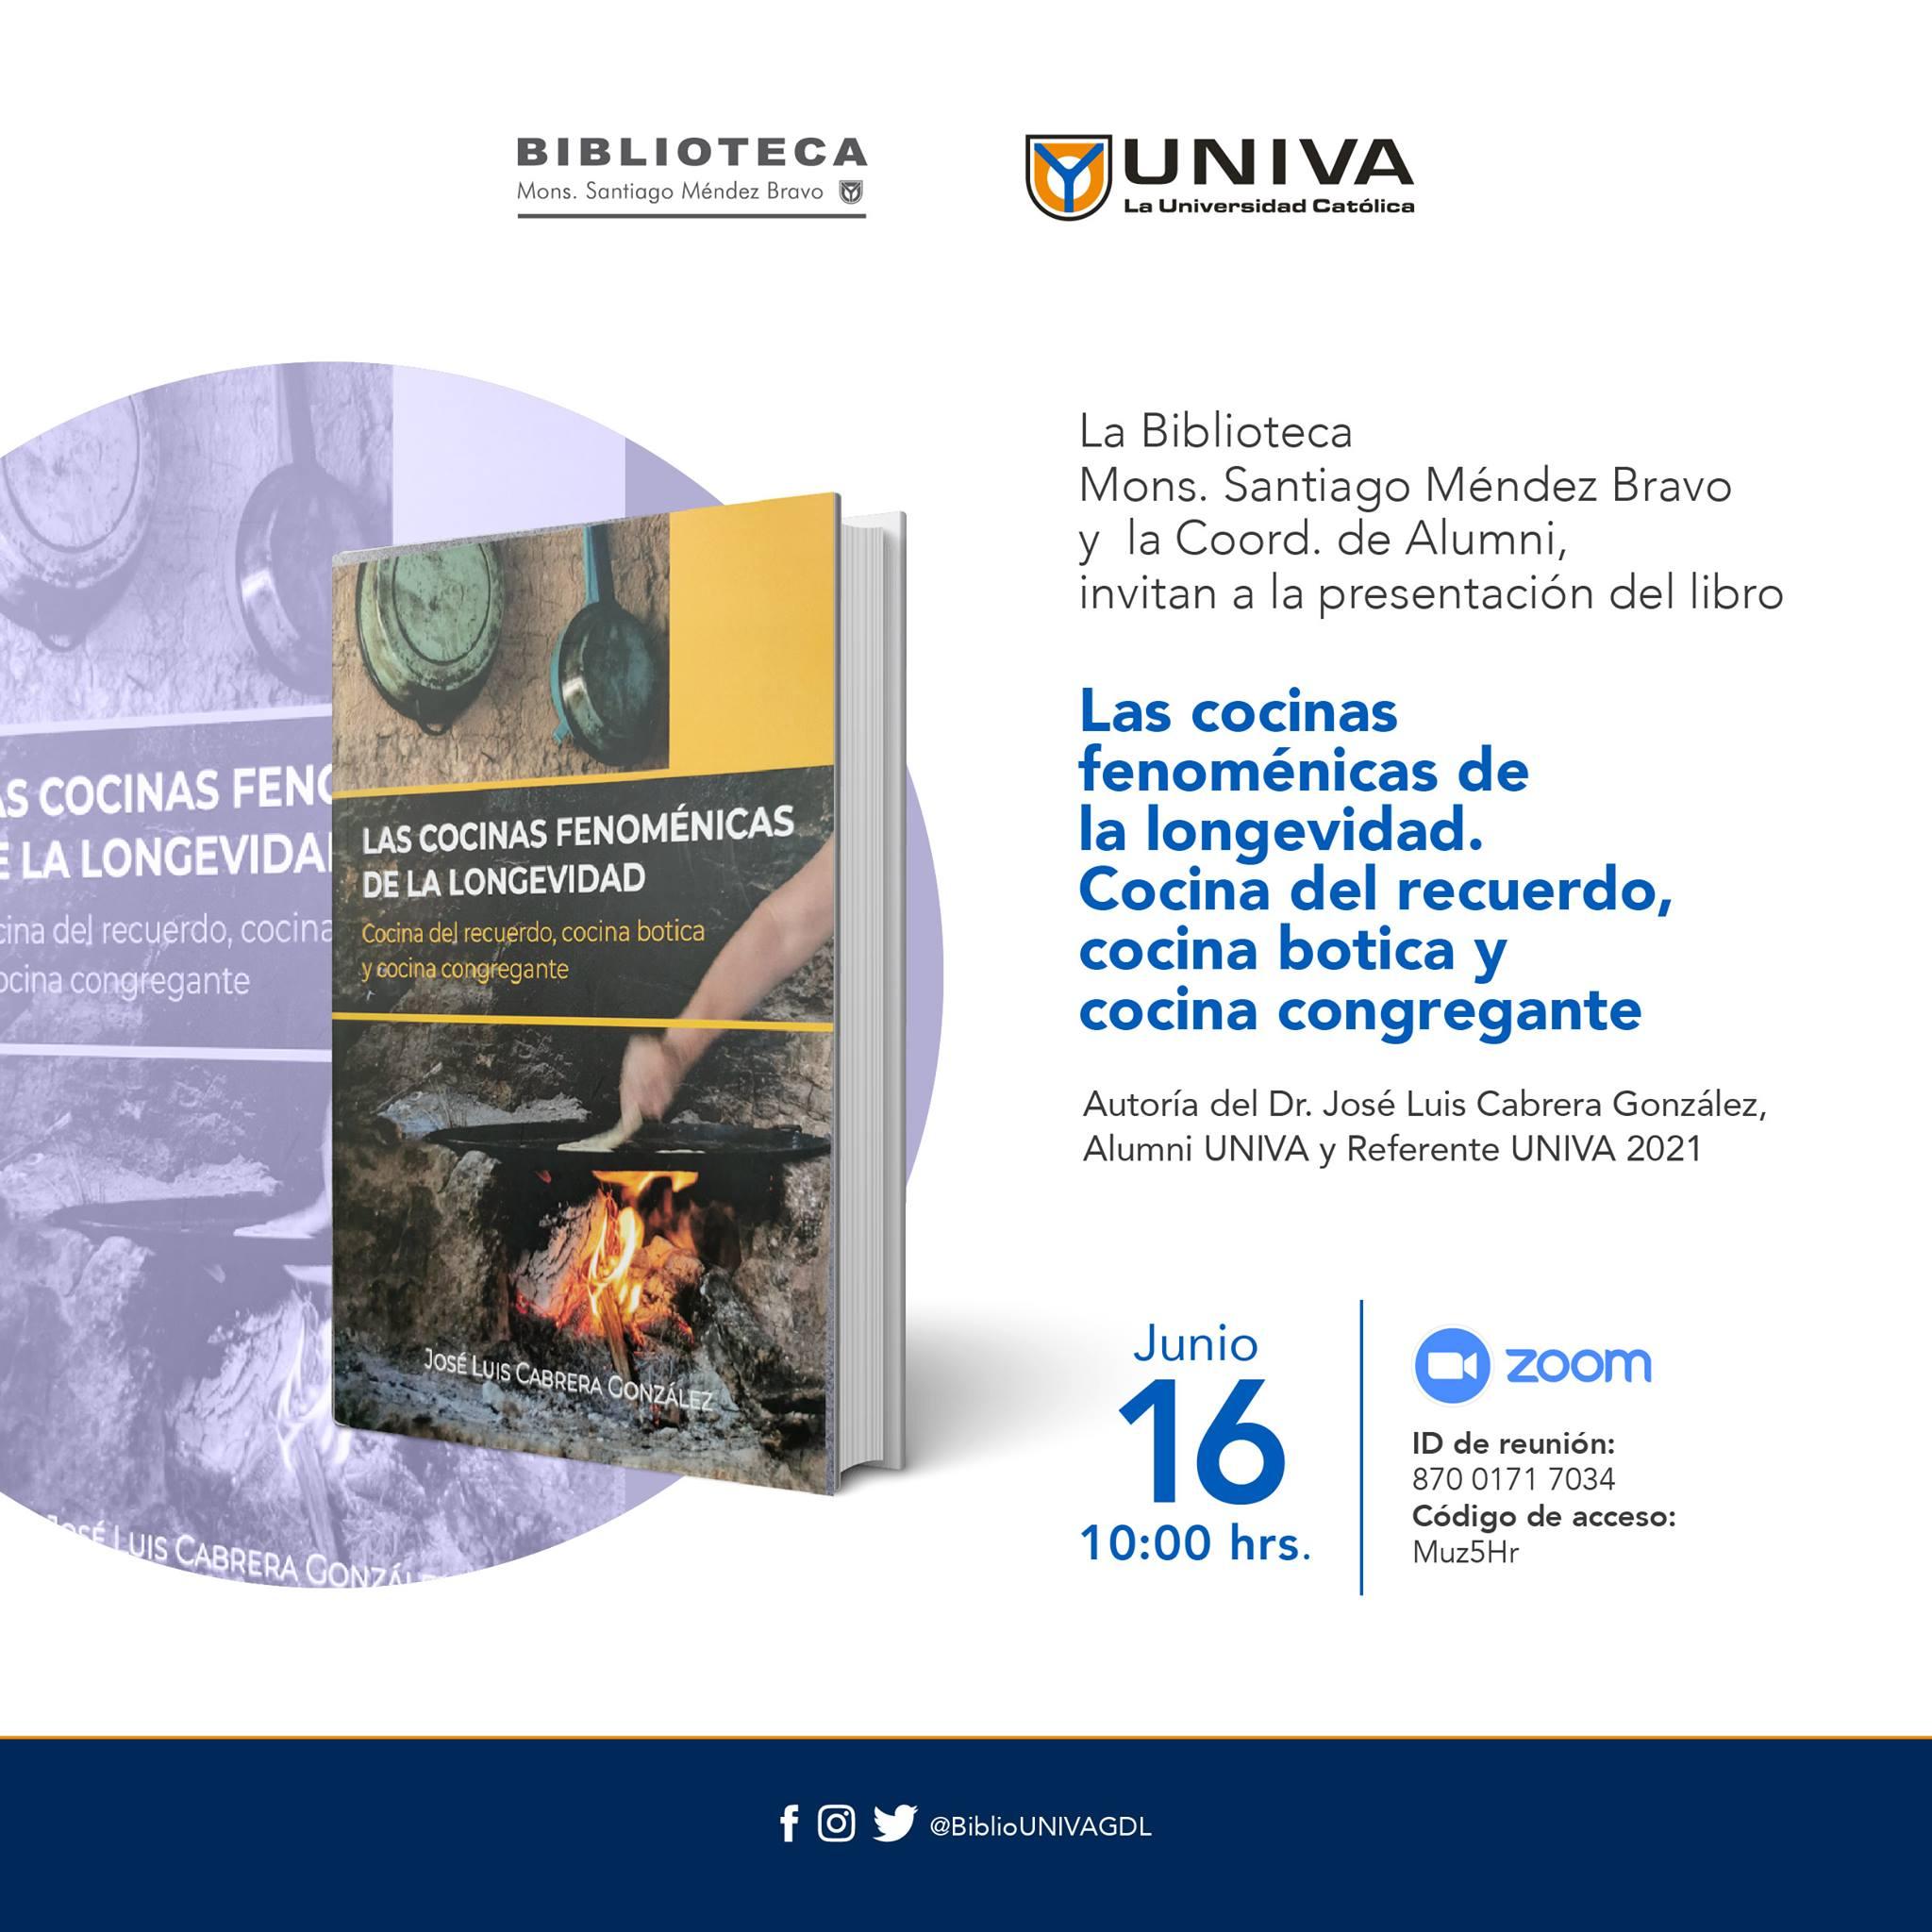 Presentación del libro: Las cocinas fenoménicas de la longevidad